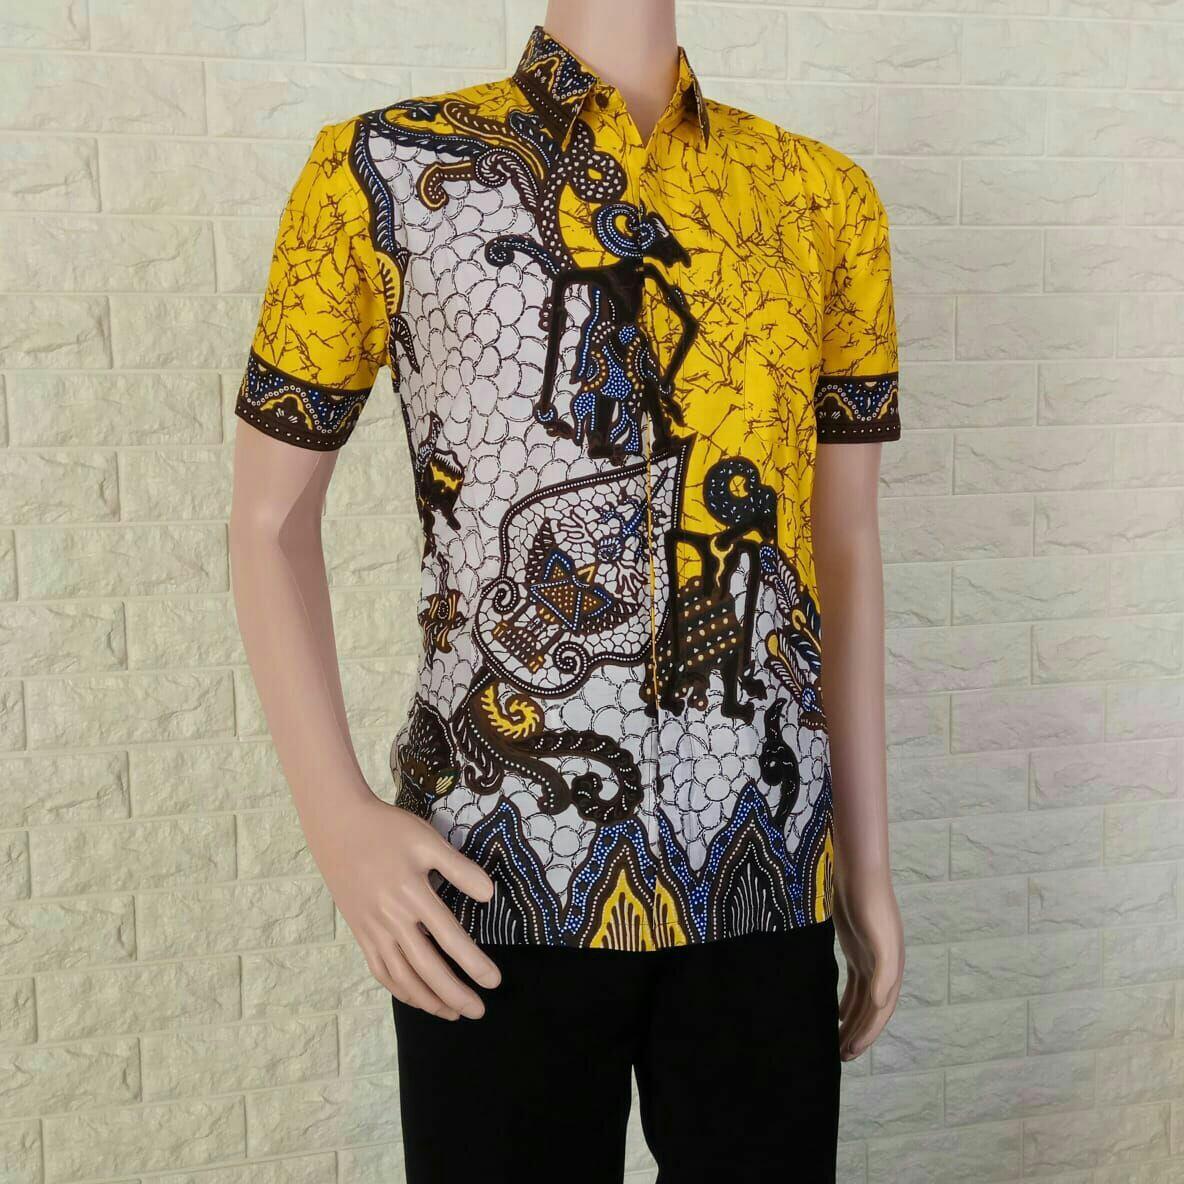 Jual Kemeja Batik Pekalongan Baju batik Pria Hem Batik Pekalongan Pandawa - Kuning